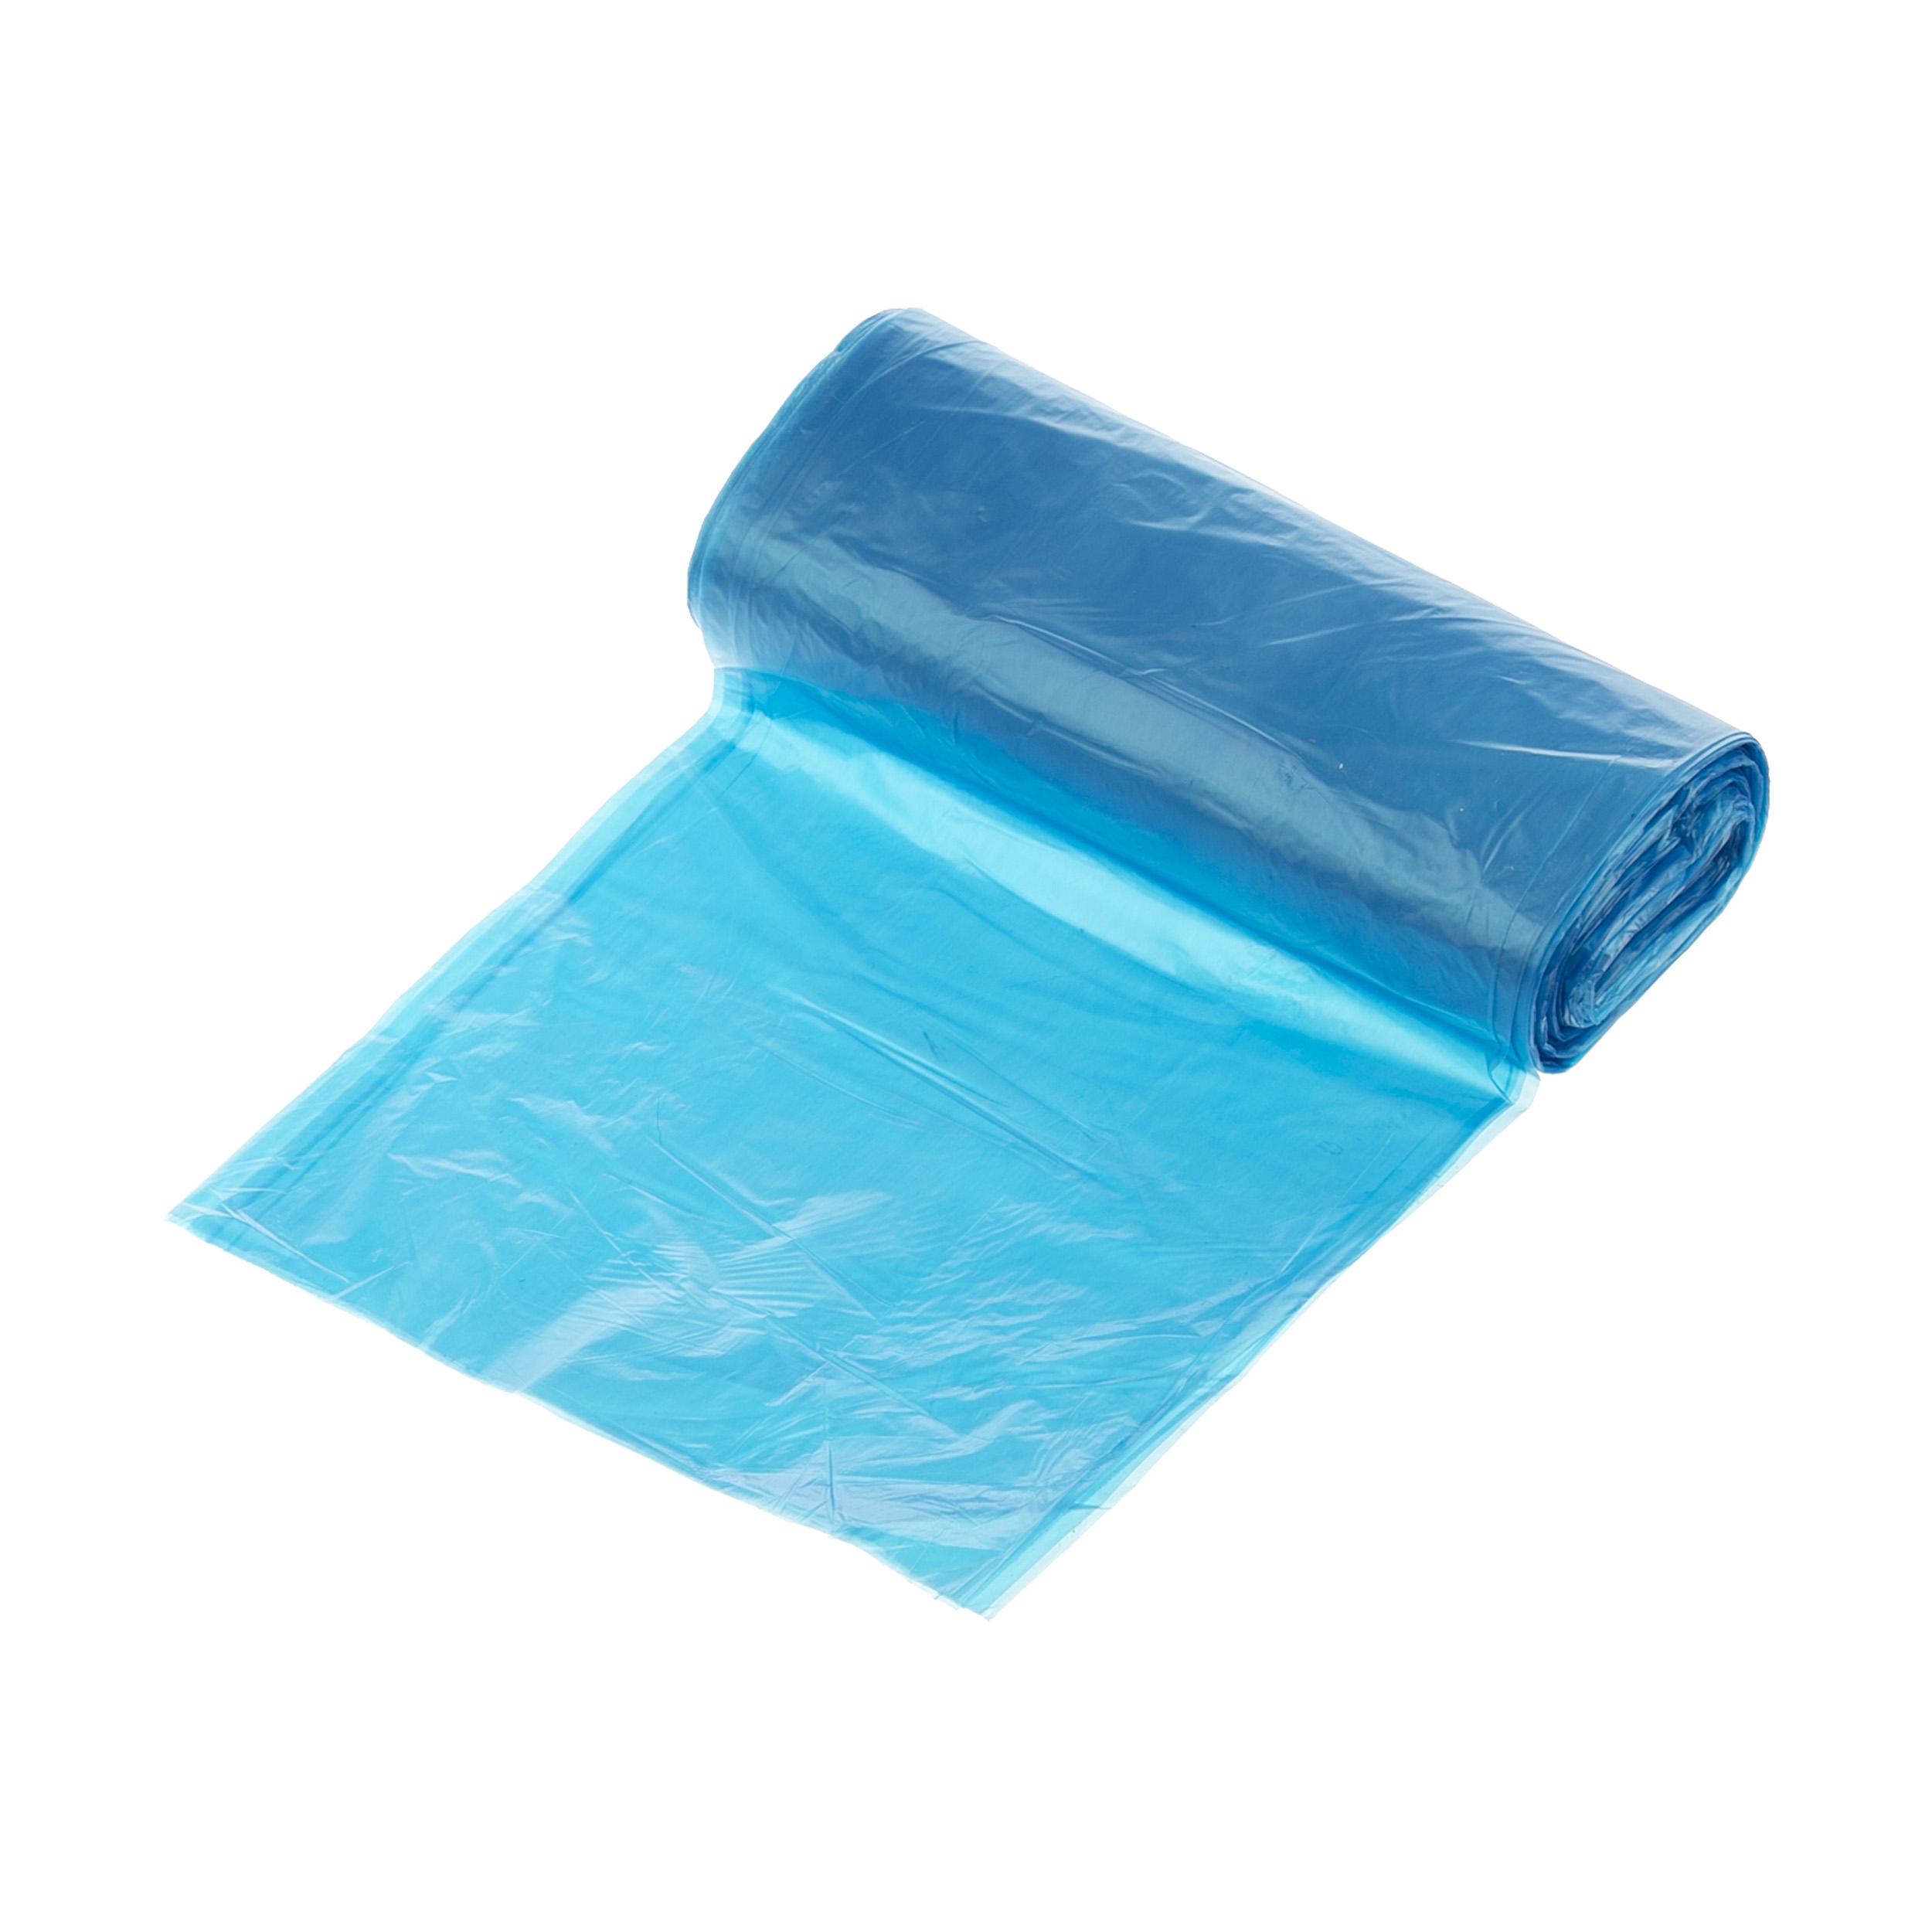 کیسه زباله نوازی مدل L-1 بسته 3 عددی